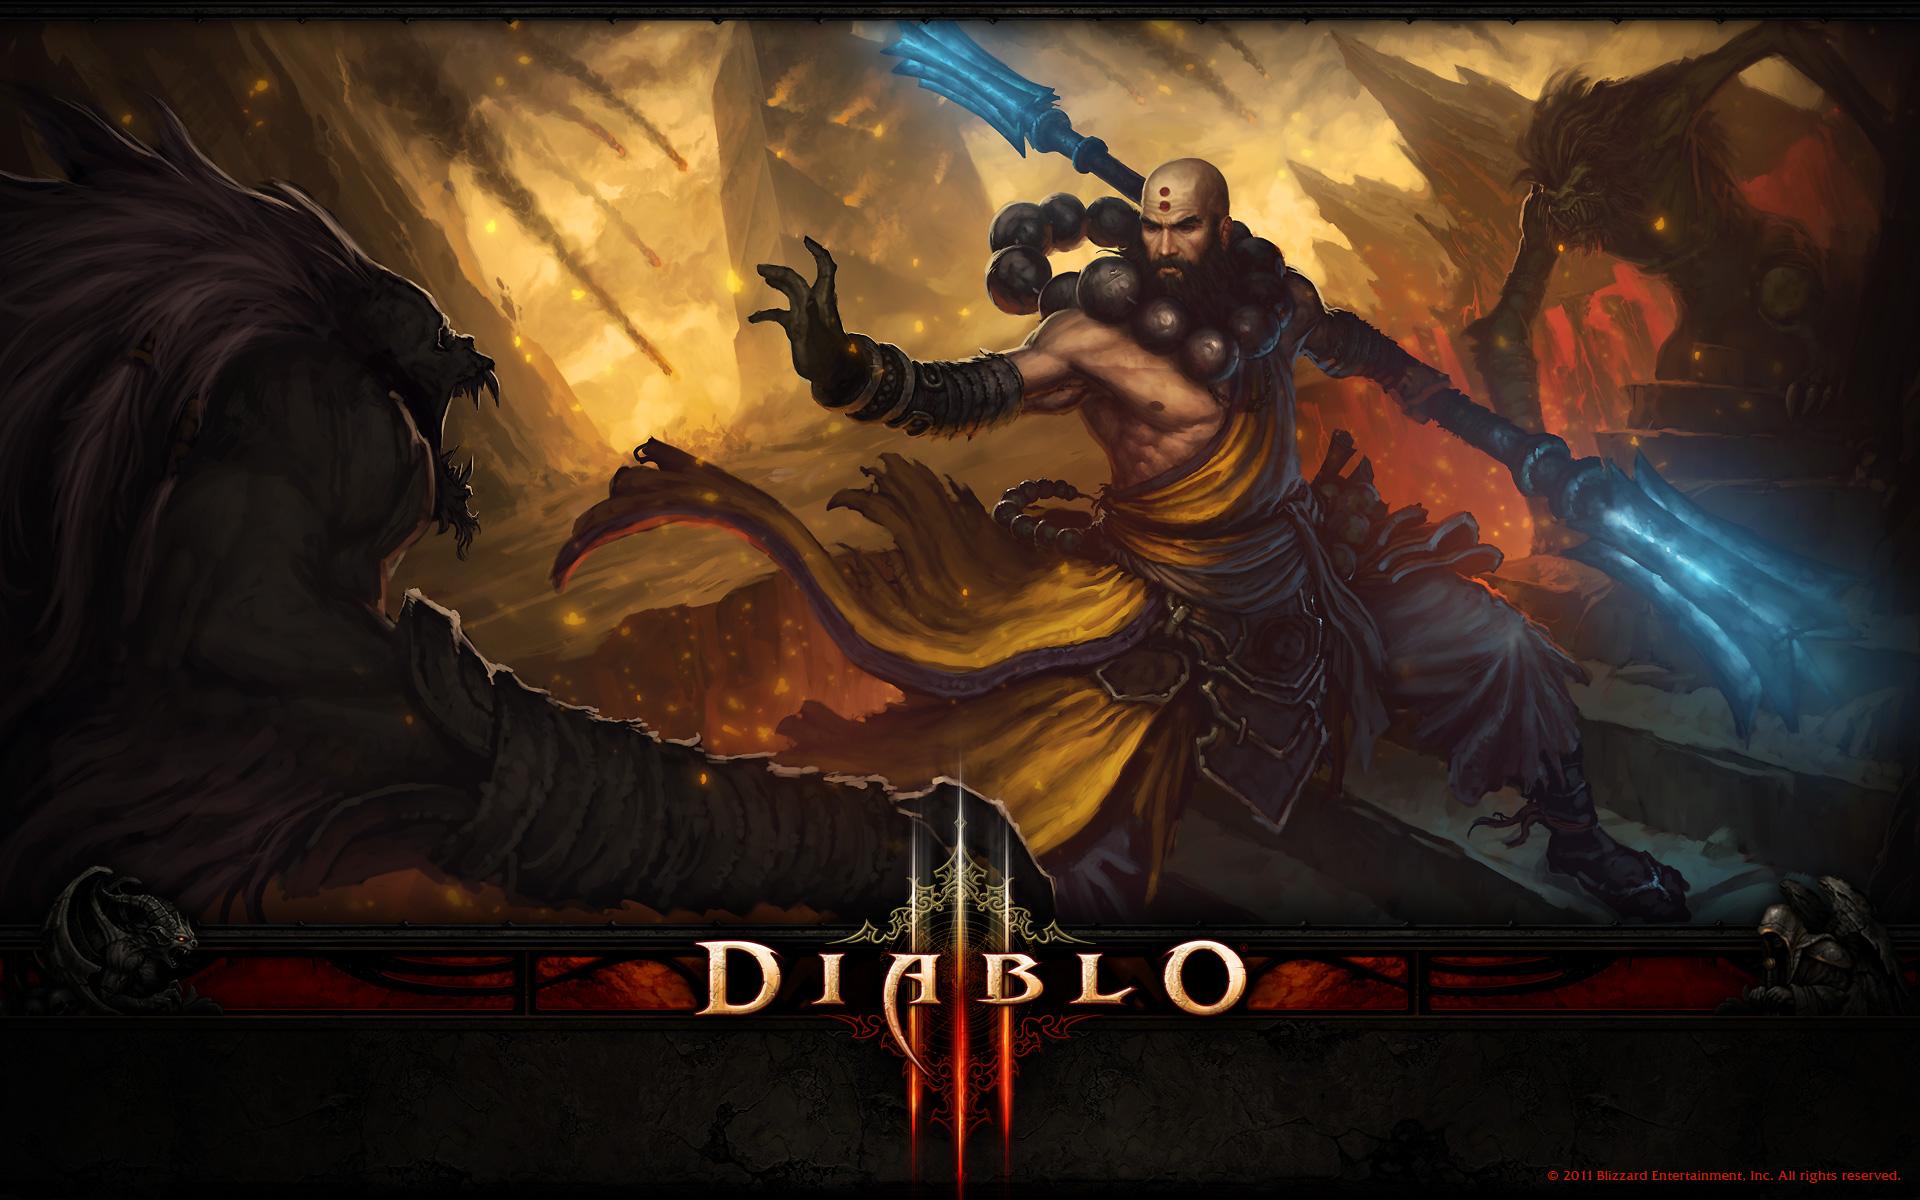 Wallpapers De Diablo Iii Hd 1920x1200 Imágenes En Taringa